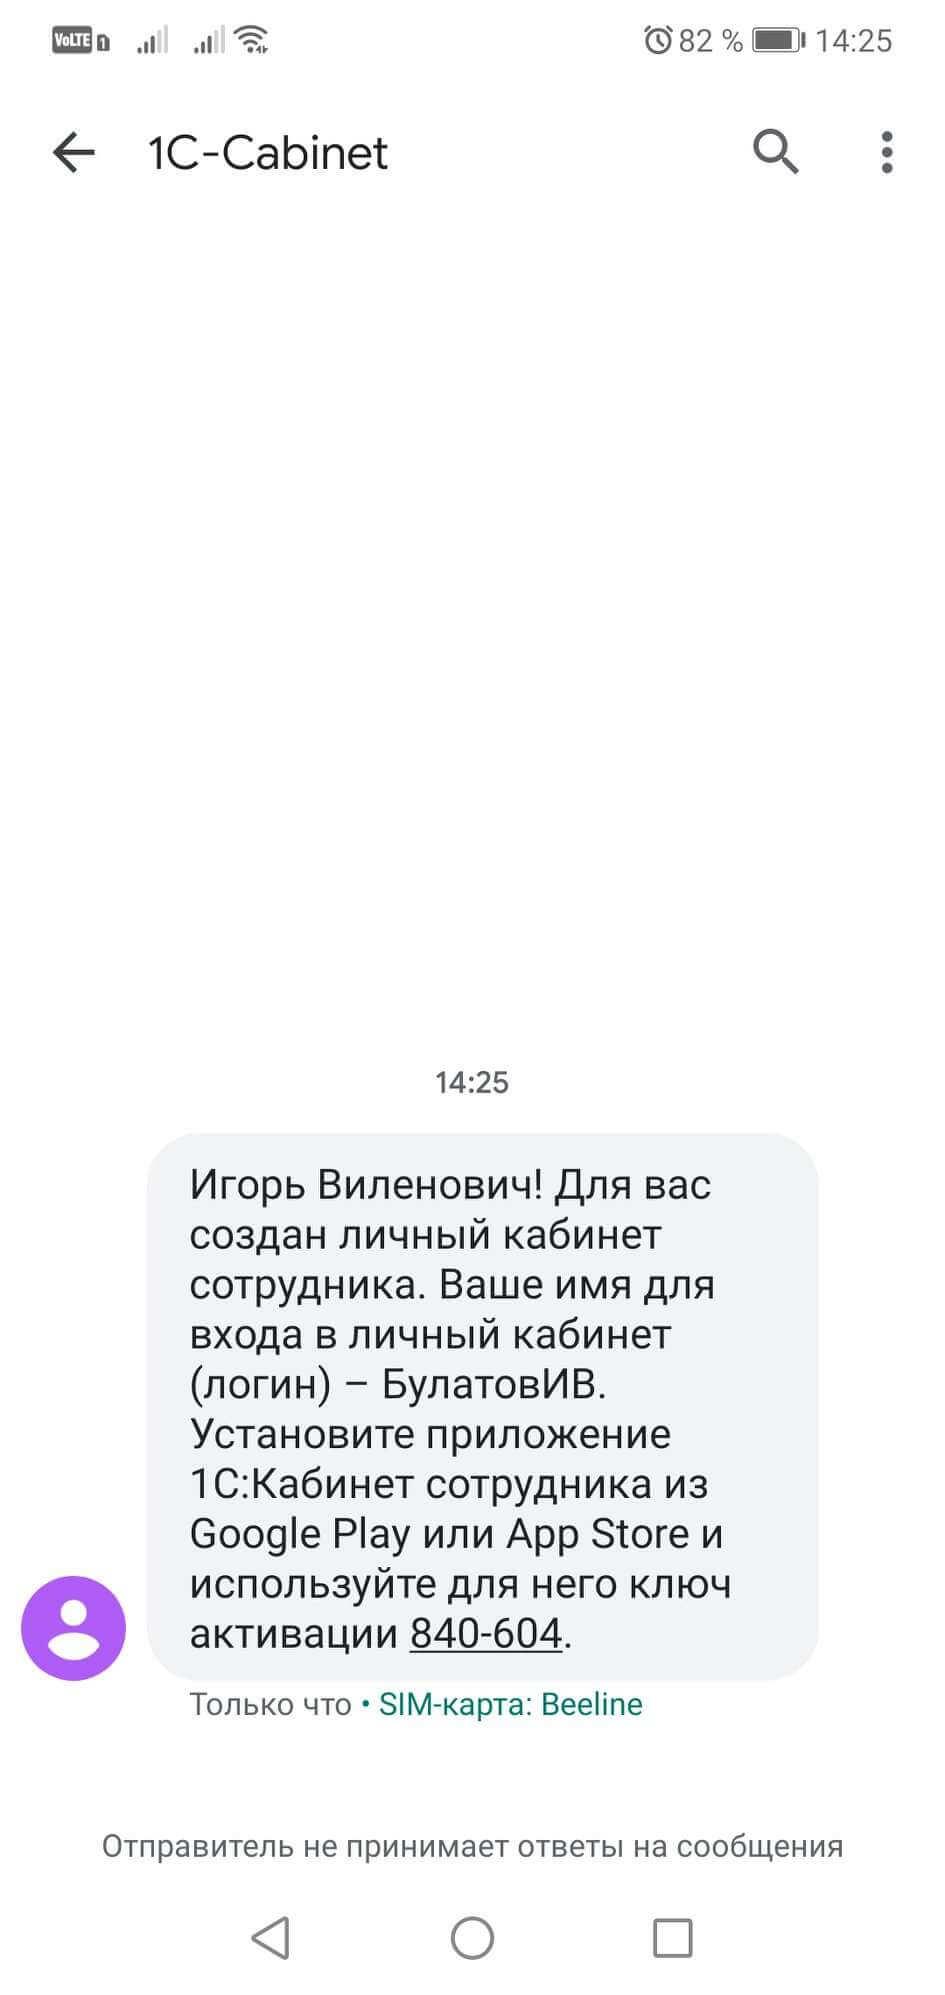 Текст СМС с информированием о создании личного кабинета